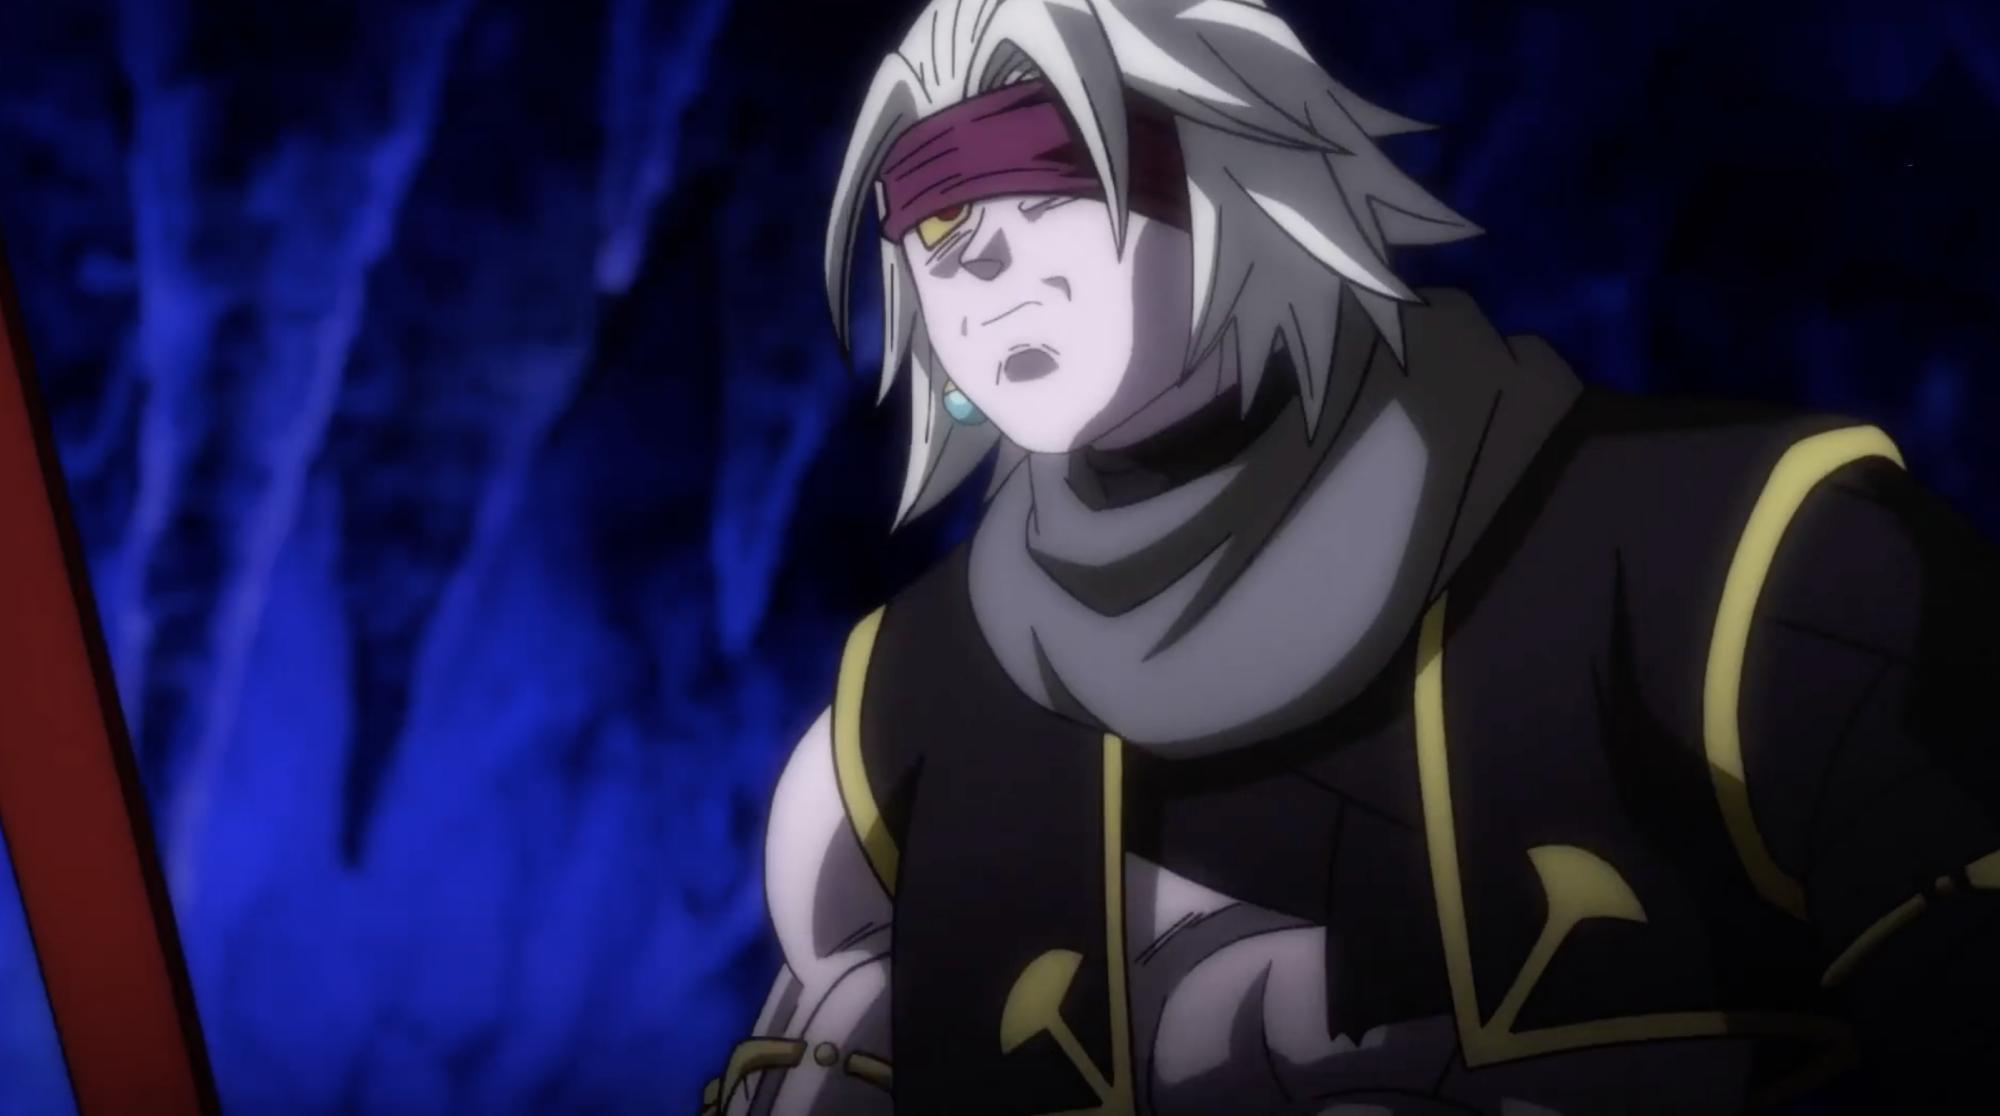 龍珠英雄:黑空變超玫3,無名悟空被擊敗